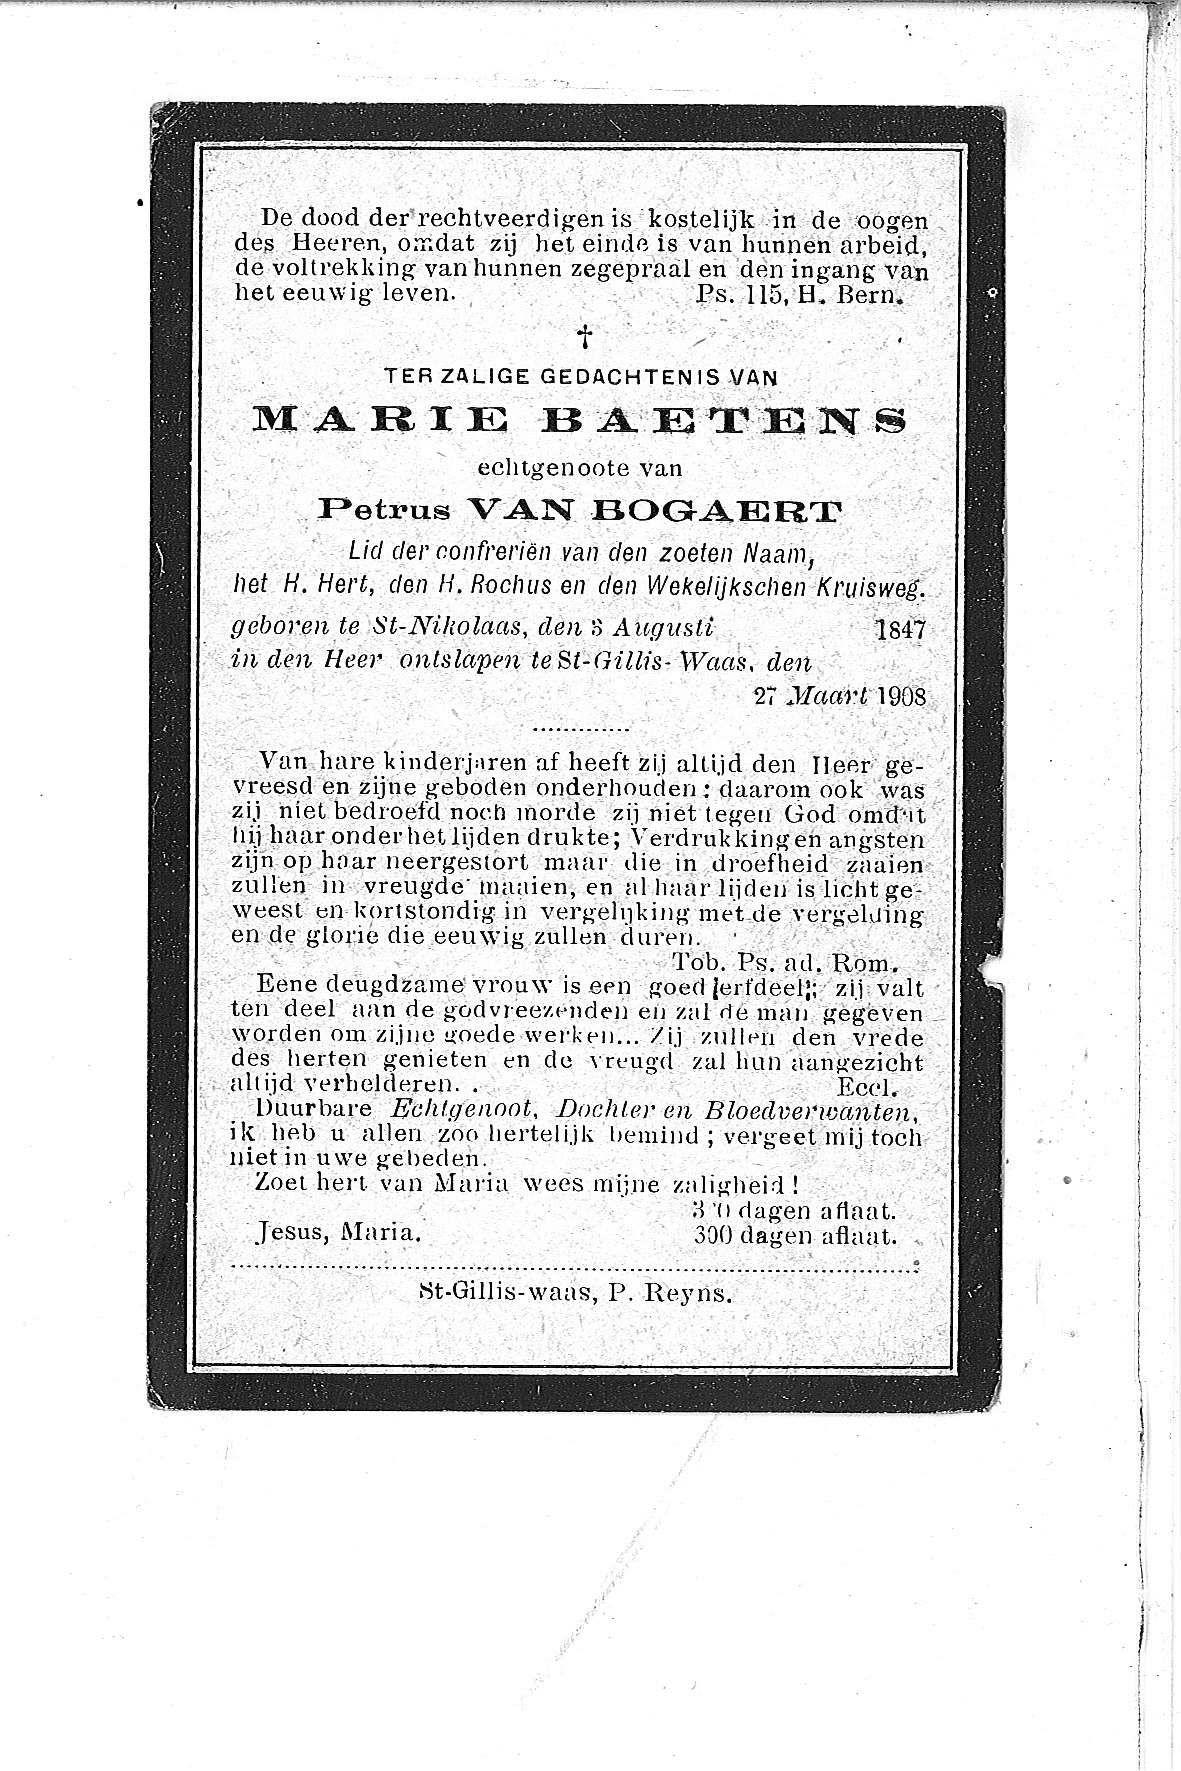 Marie(1908)20101004091156_00037.jpg